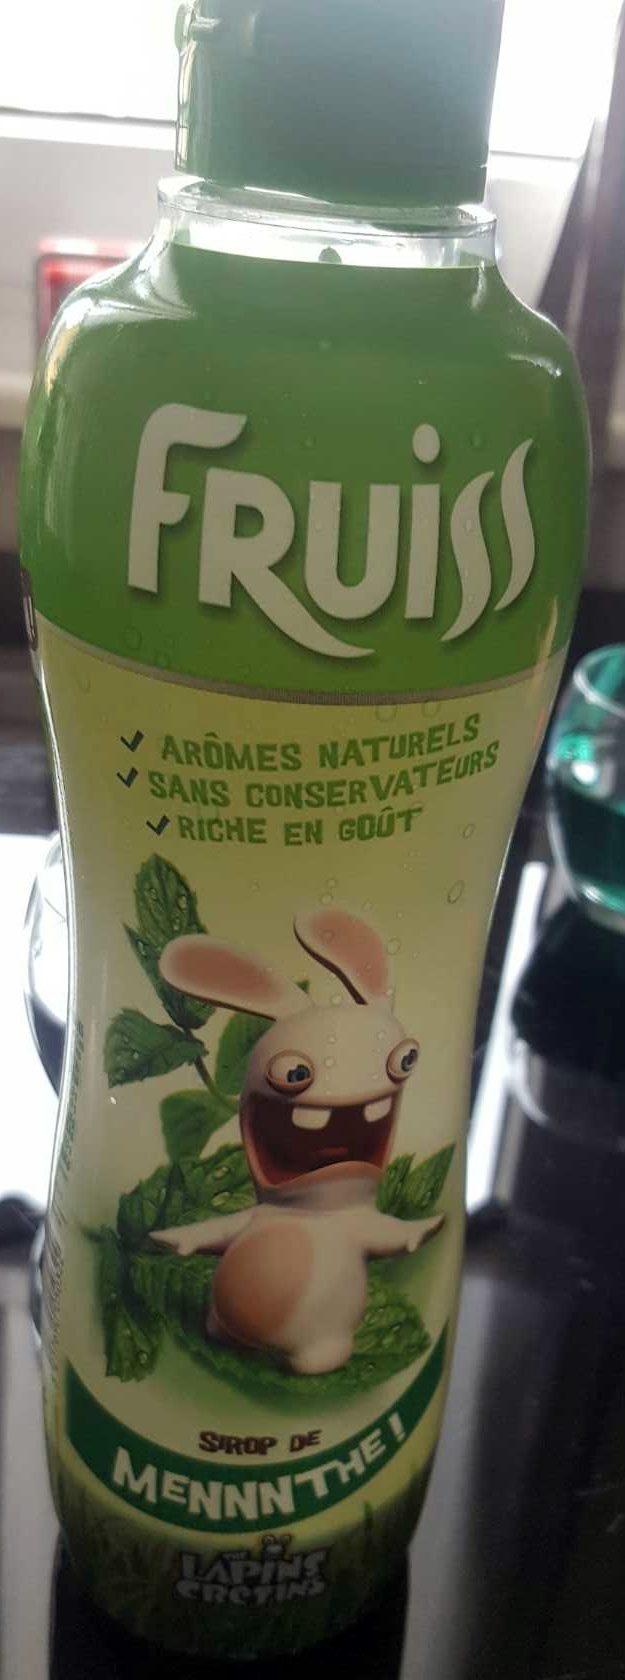 Sirop menthe Fruiss - Produit